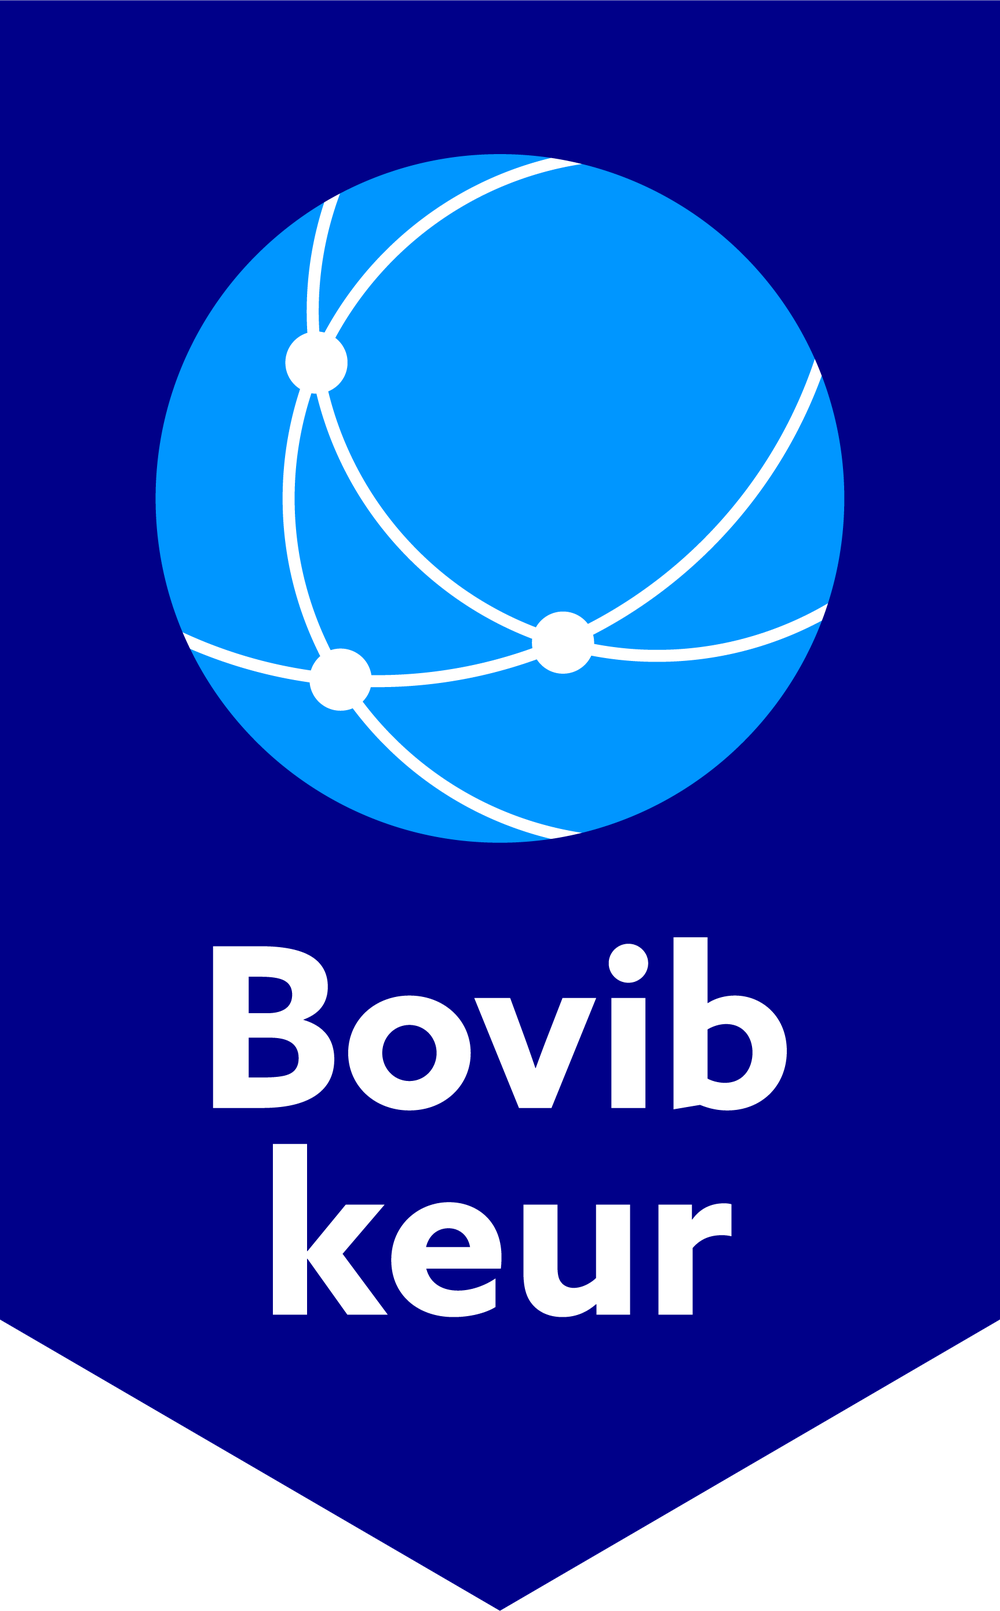 Bovib_keur_RGB.png